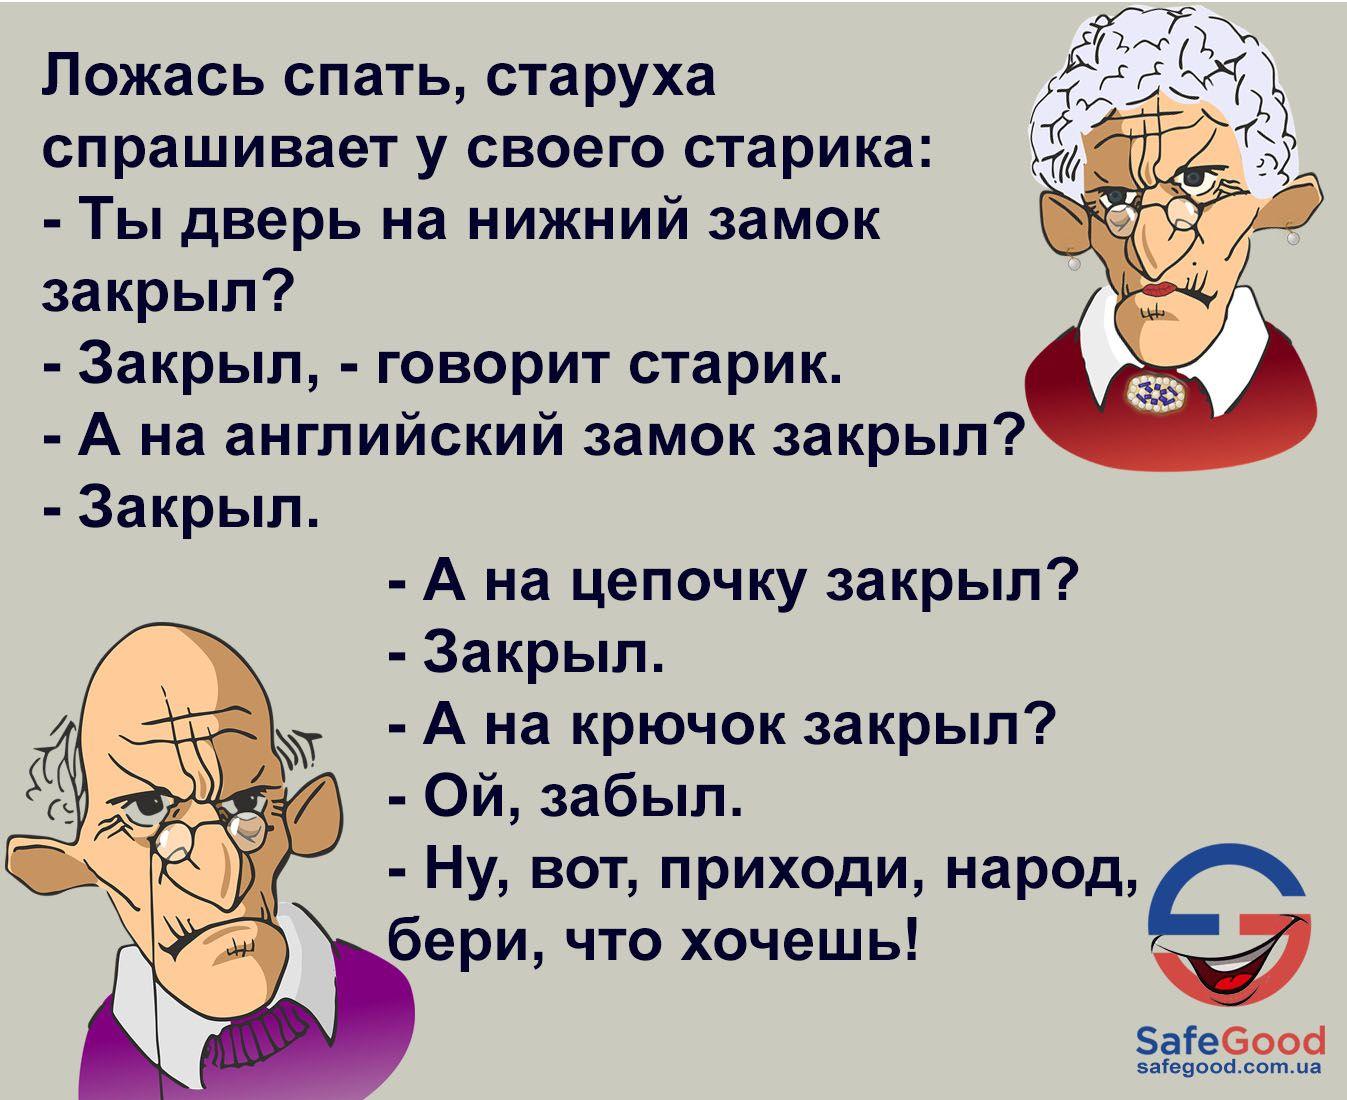 Ржачные анекдоты в картинках до слез про стариков